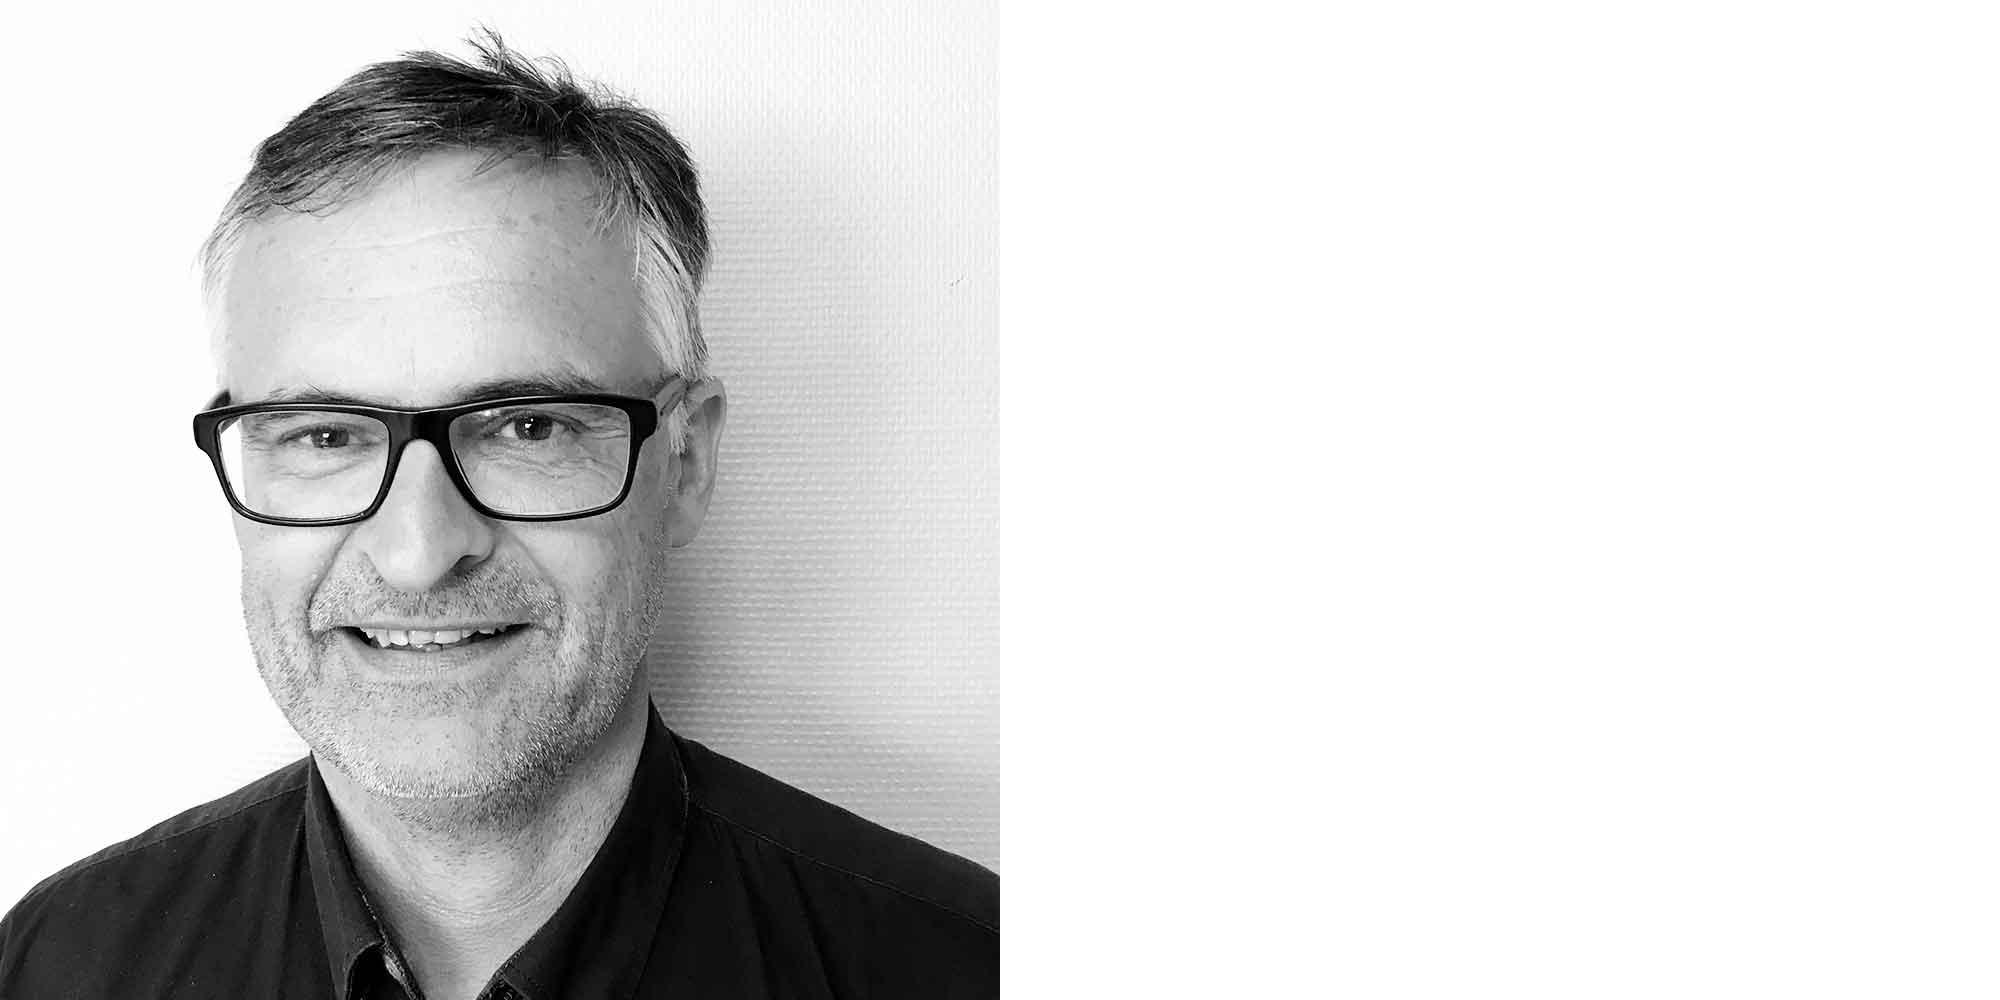 John Kåre Hansen  Prosjektleder 930 02 514  john.kaare.hansen@veldeas.no